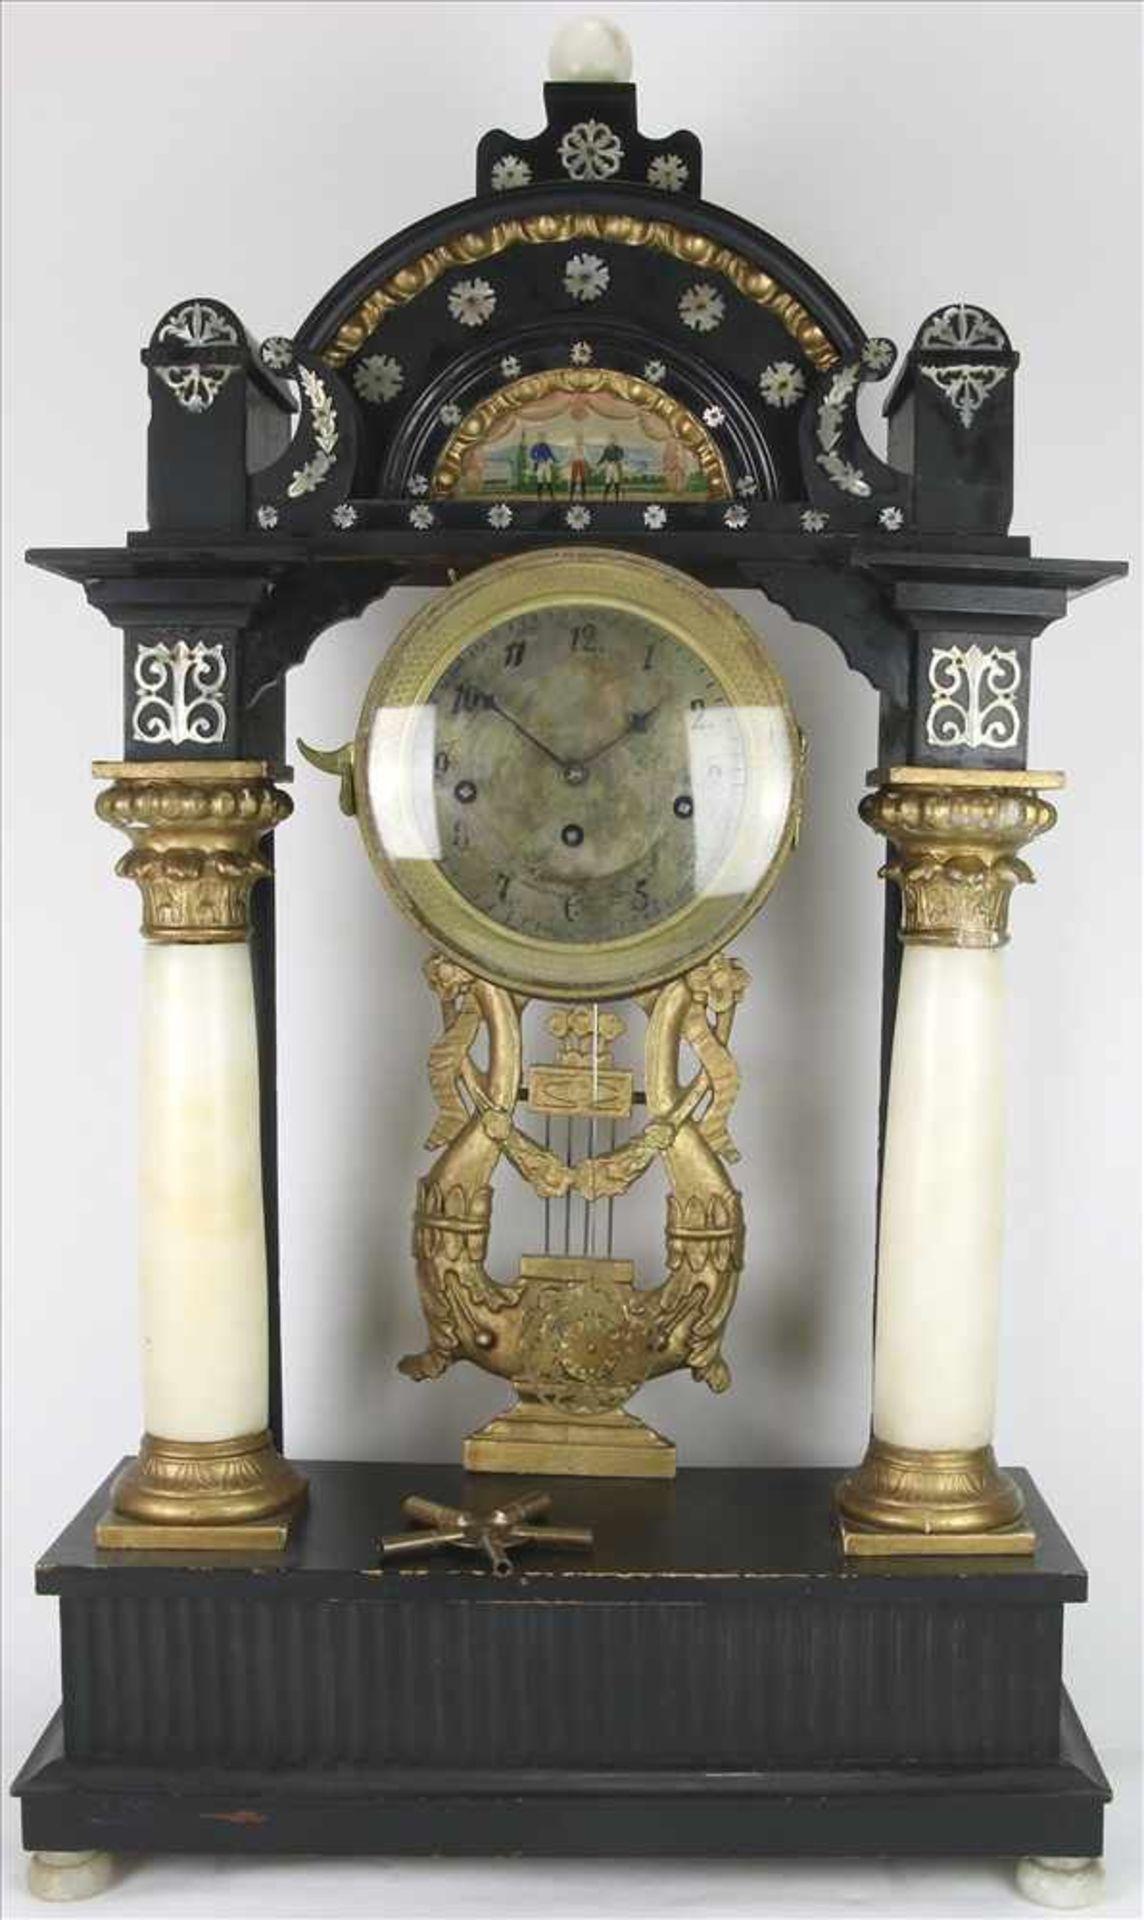 Los 1 - Wiener PortaluhrÖsterreich um 1830. Ebonisierter Holzkorpus mit Alabastersäulen und Lyra. Reiche